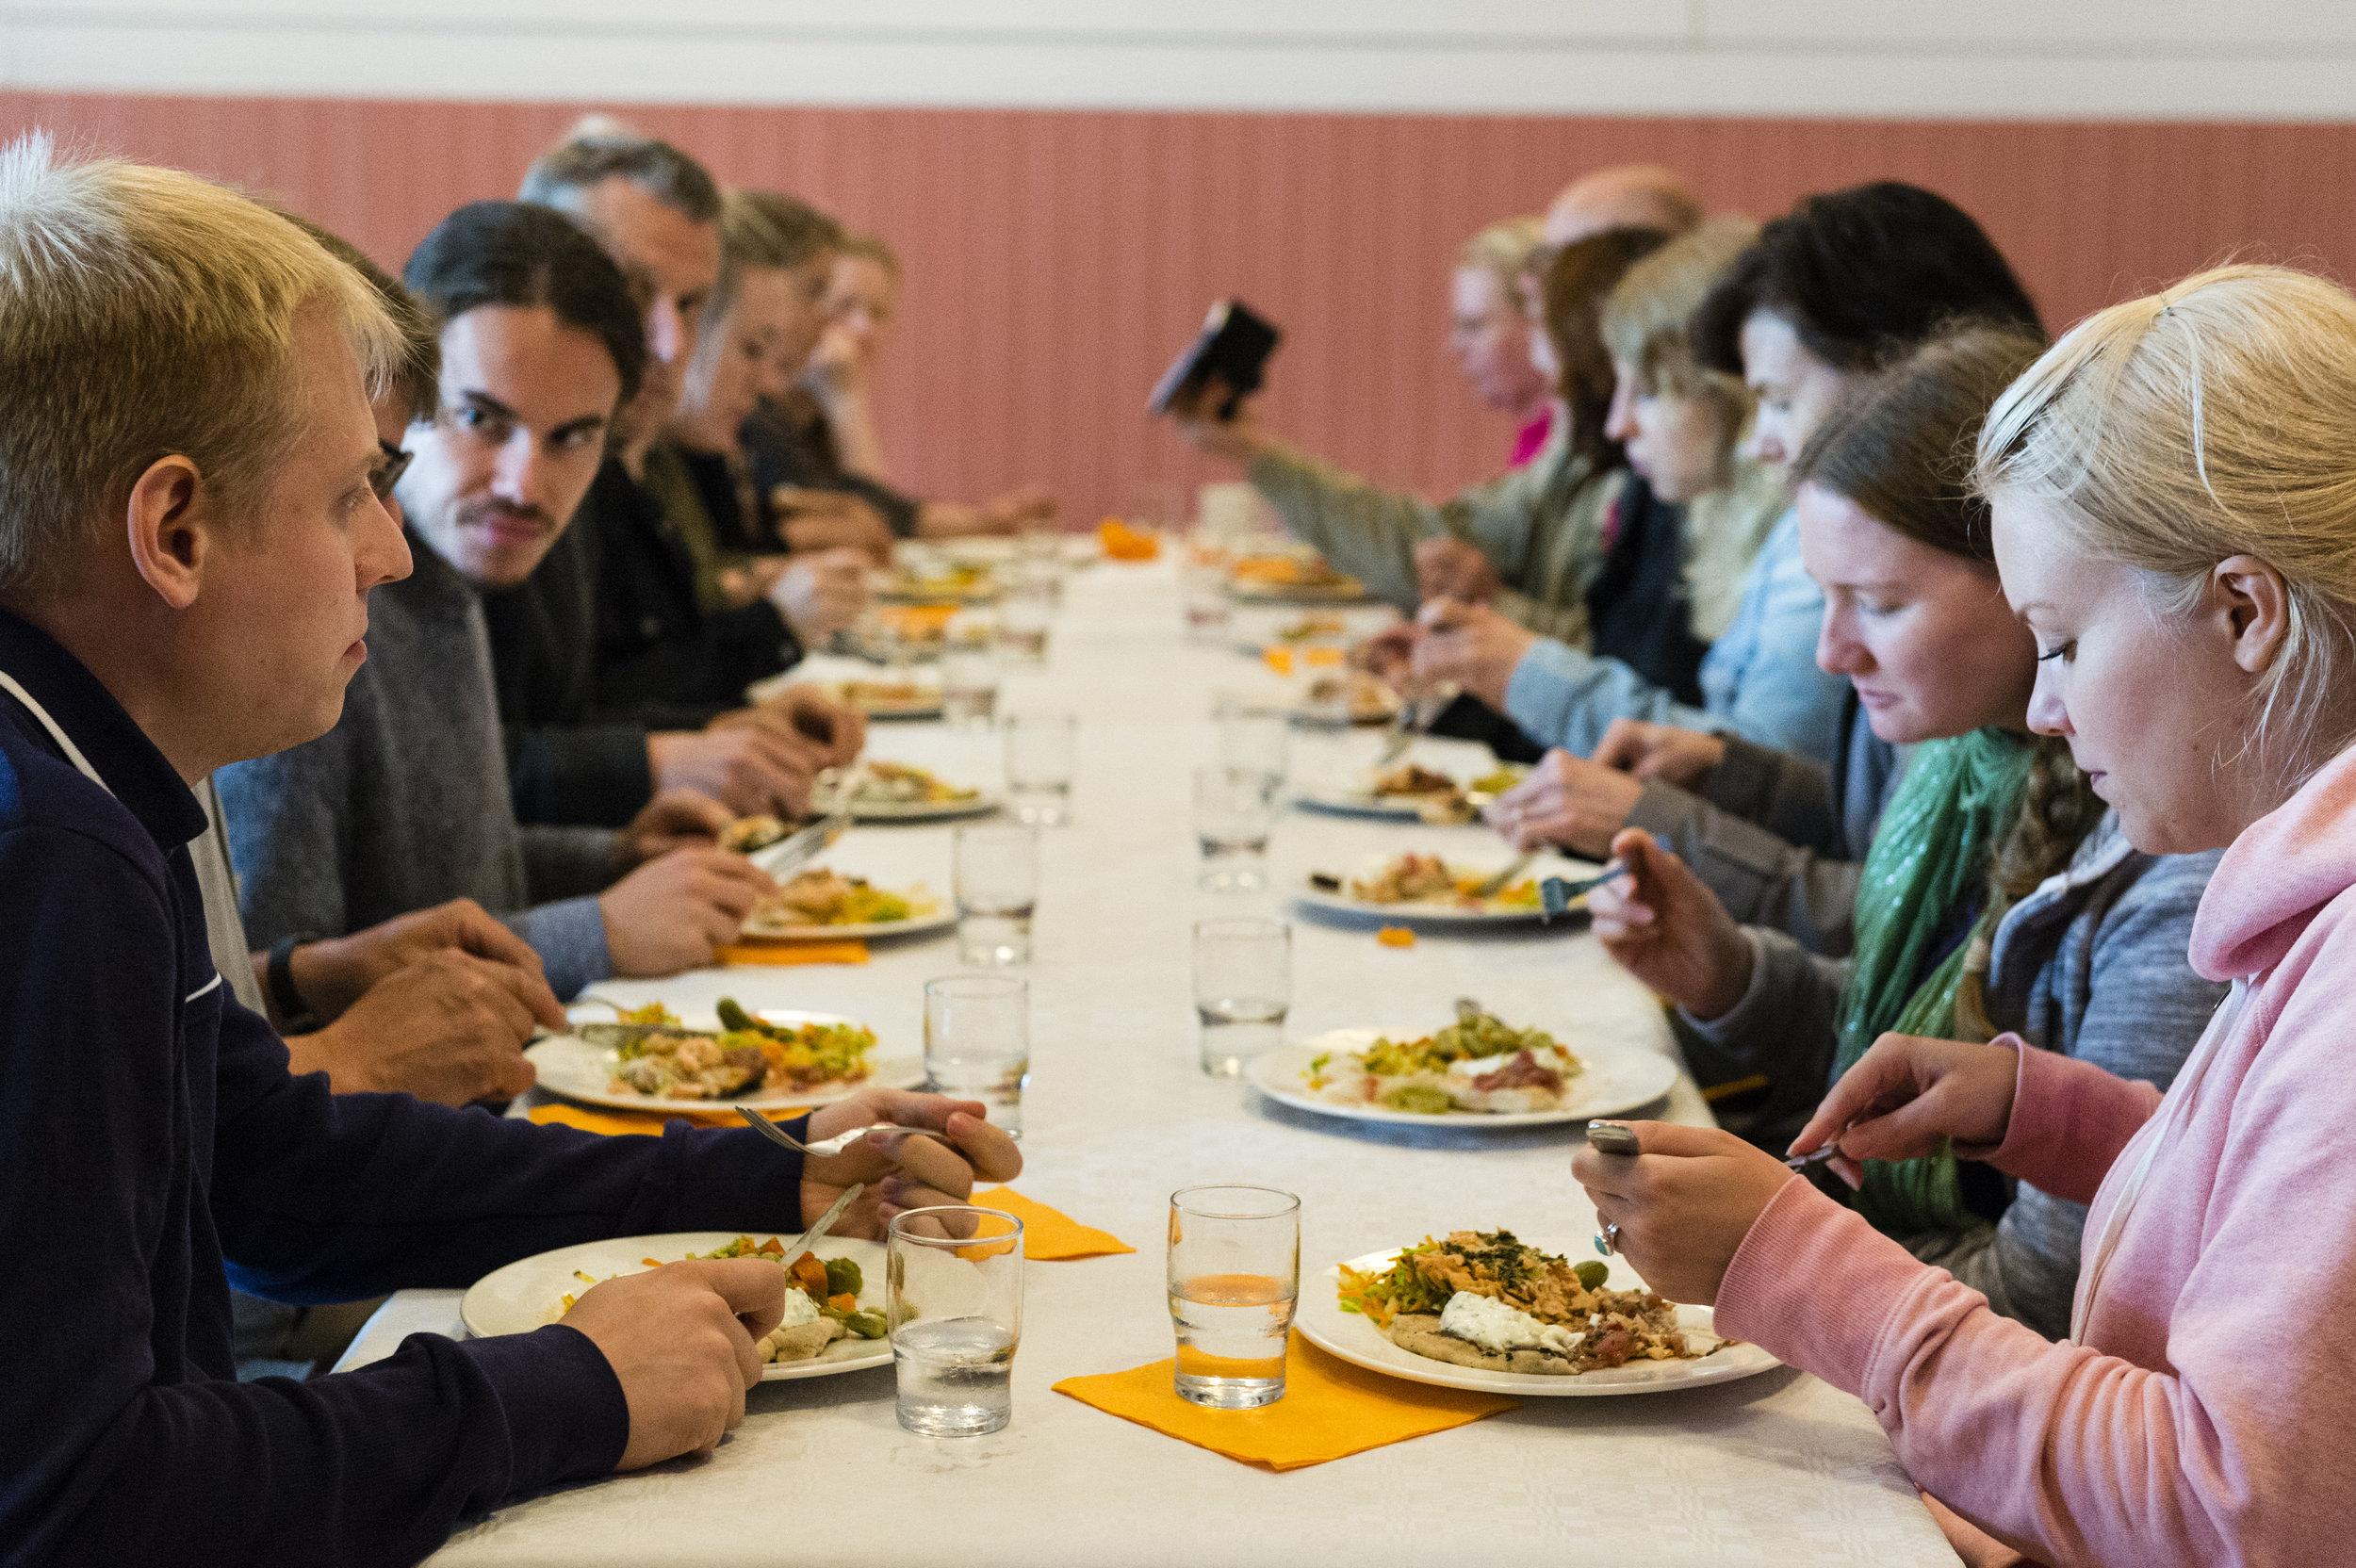 Ruokana oli avotulella suolakuoressa valmistettua lohta. Se tarjottiin mehevän muuripannulla kypsennetyn leivän, raparperichutneyn ja avomaakurkusta tehdyn jugurttikastikkeen kera. Seurana vielä kuminalla maustettua coleslawta. Ruokajuomana oli koivumahla, joka oli juoksutettu pellon viereisestä koivusta.